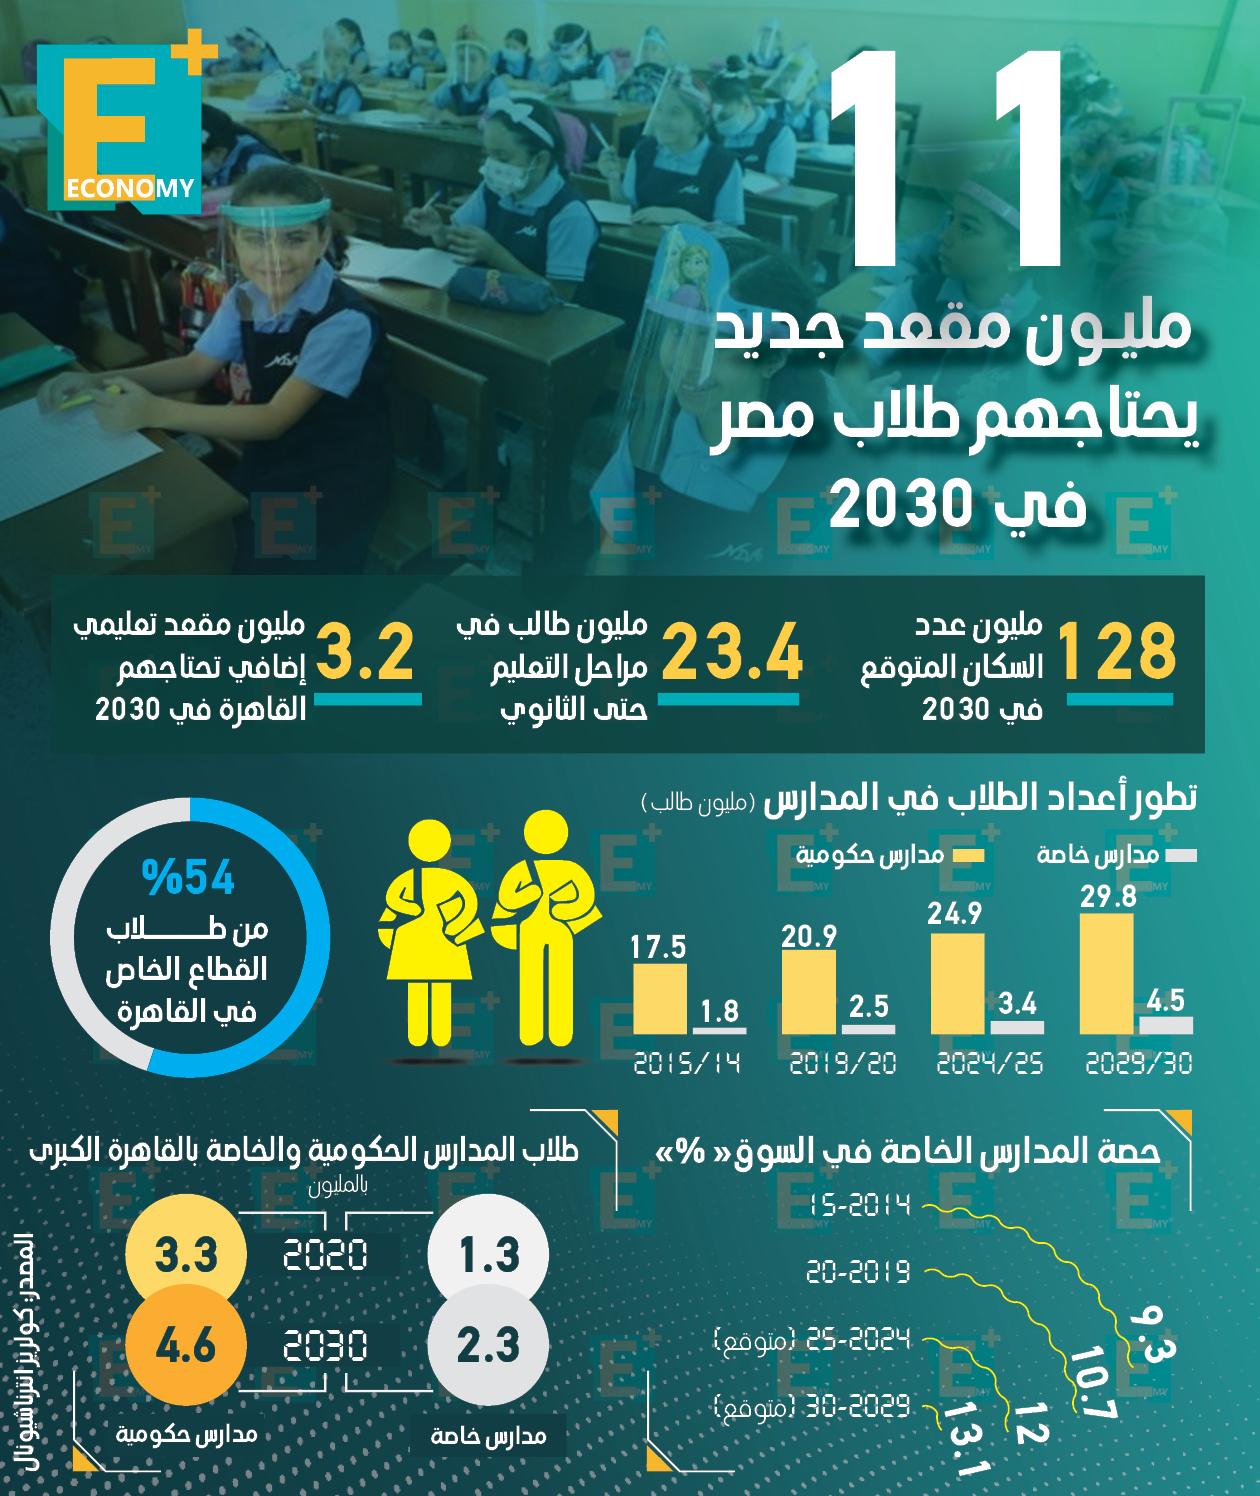 11 مليون مقعد جديد يحتاجها طلاب مصر في 2030